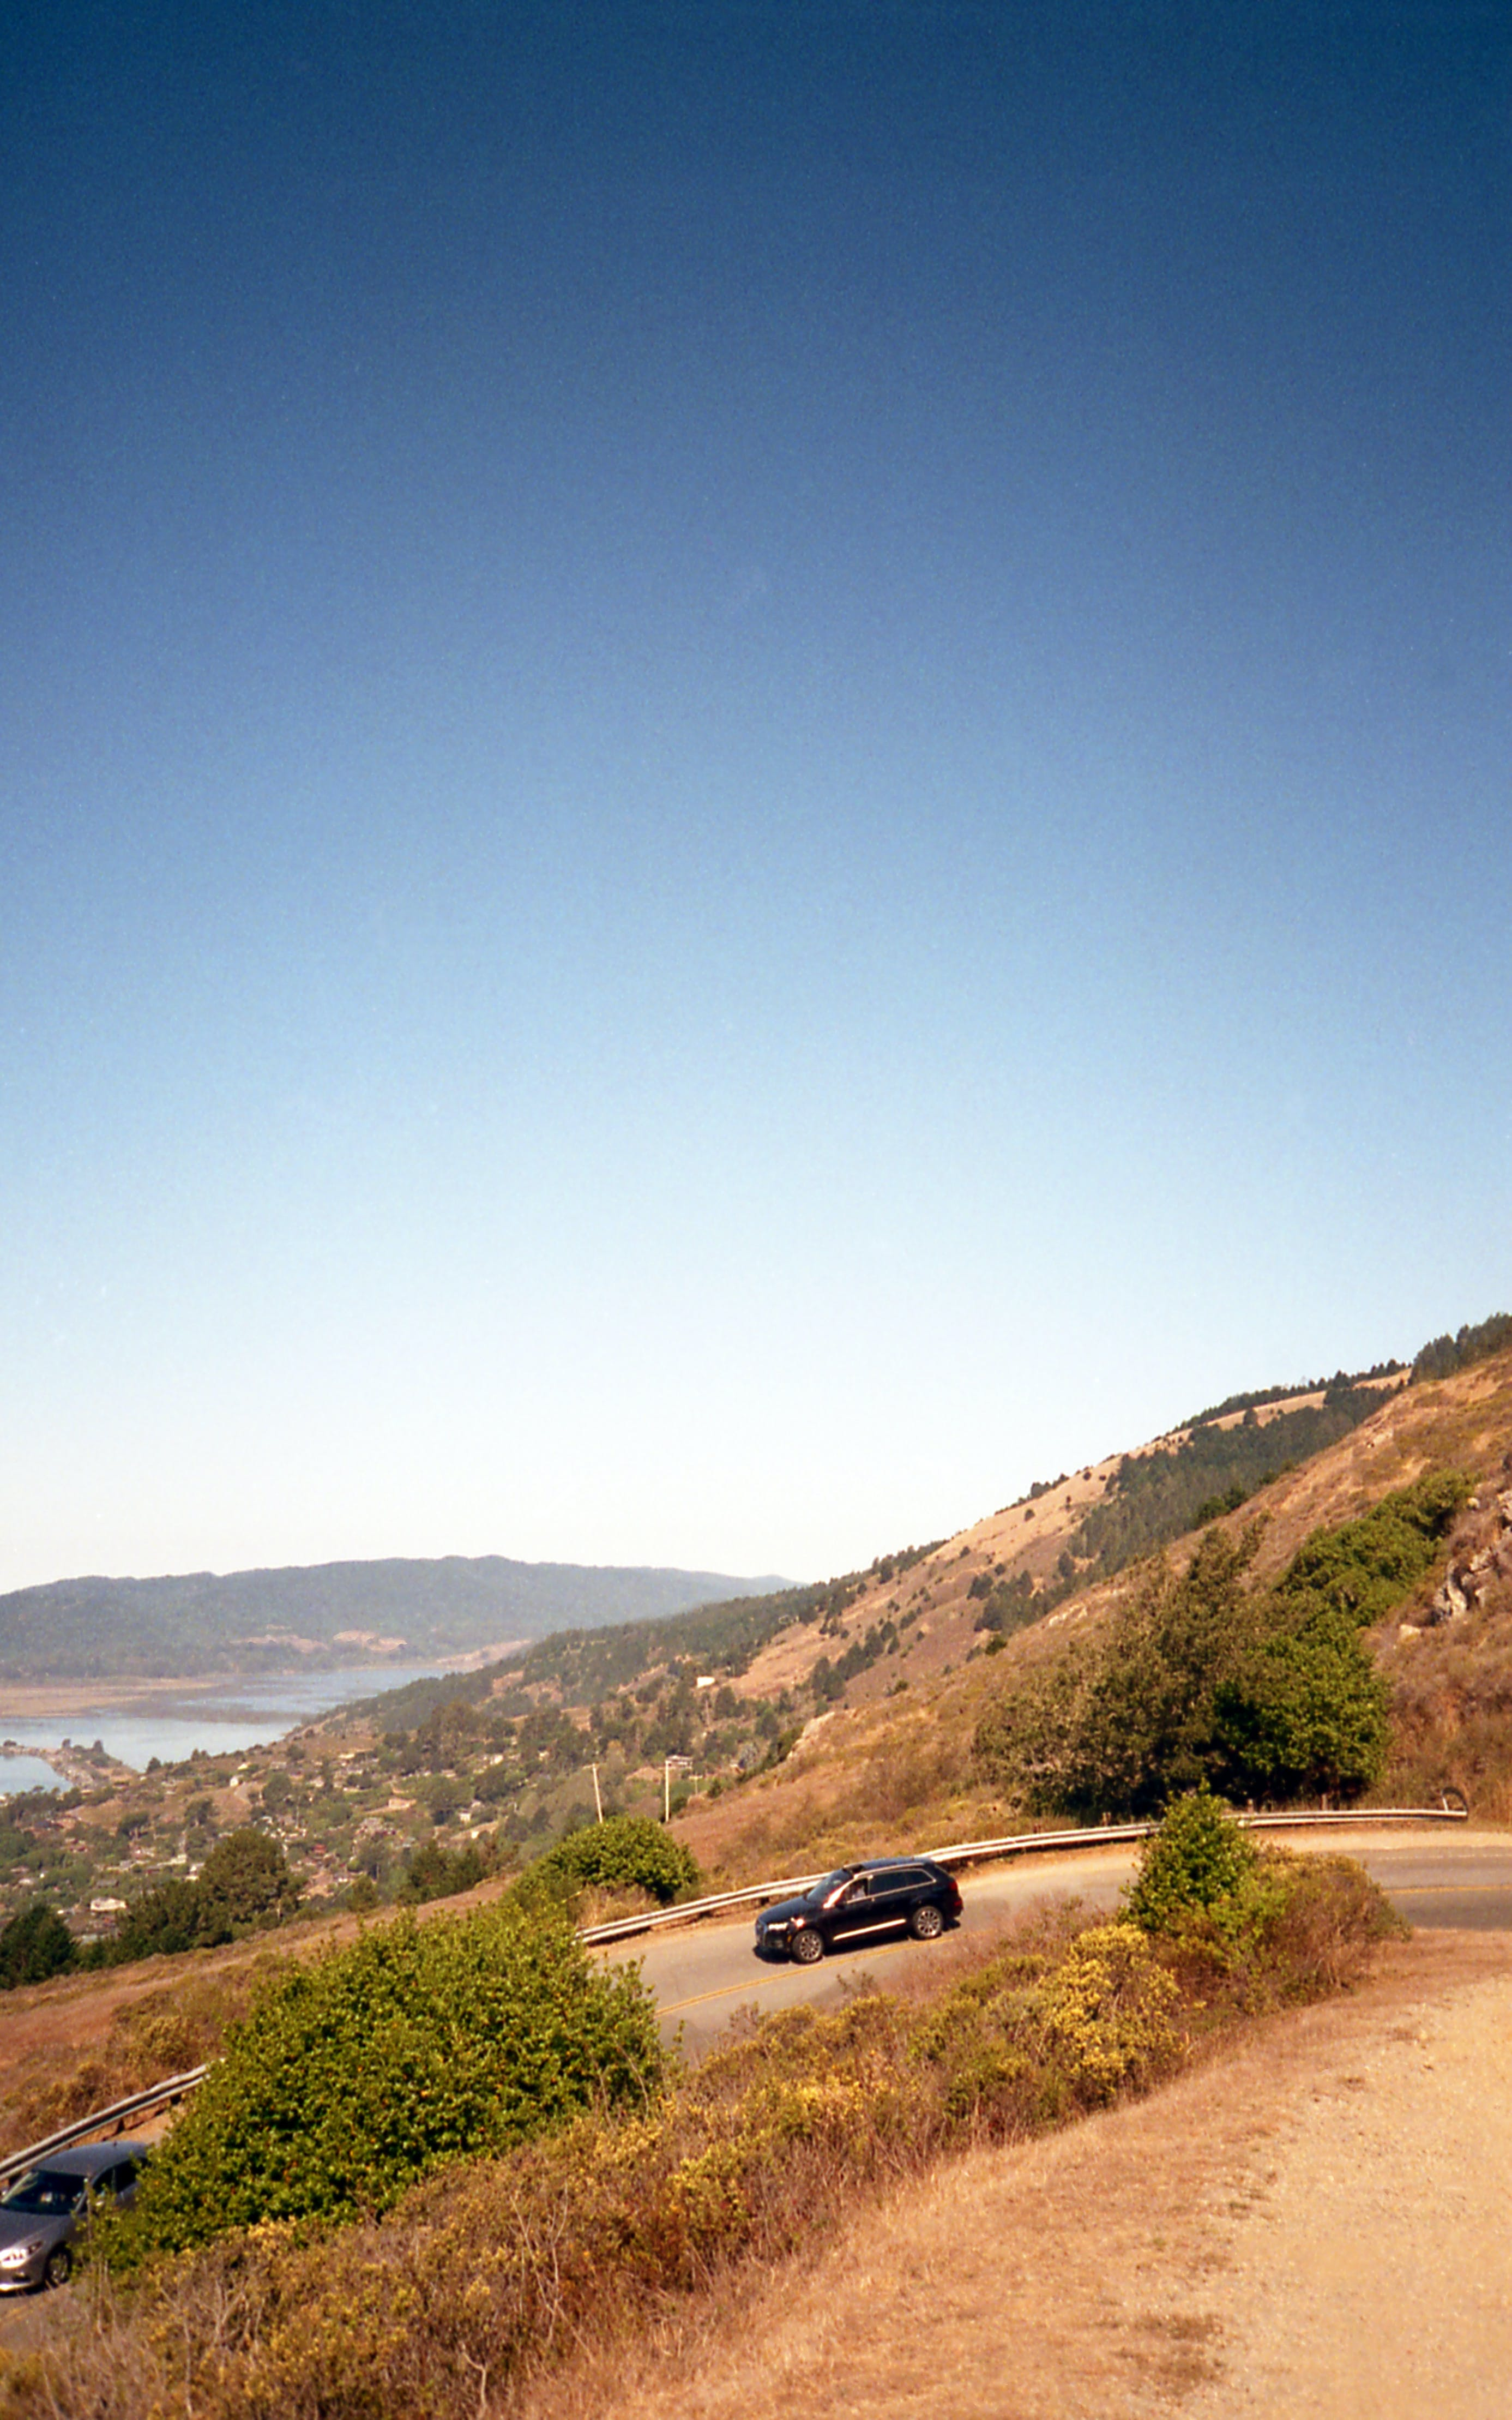 Kostenloses Stock Foto zu abenteuer, autos, berge, draußen